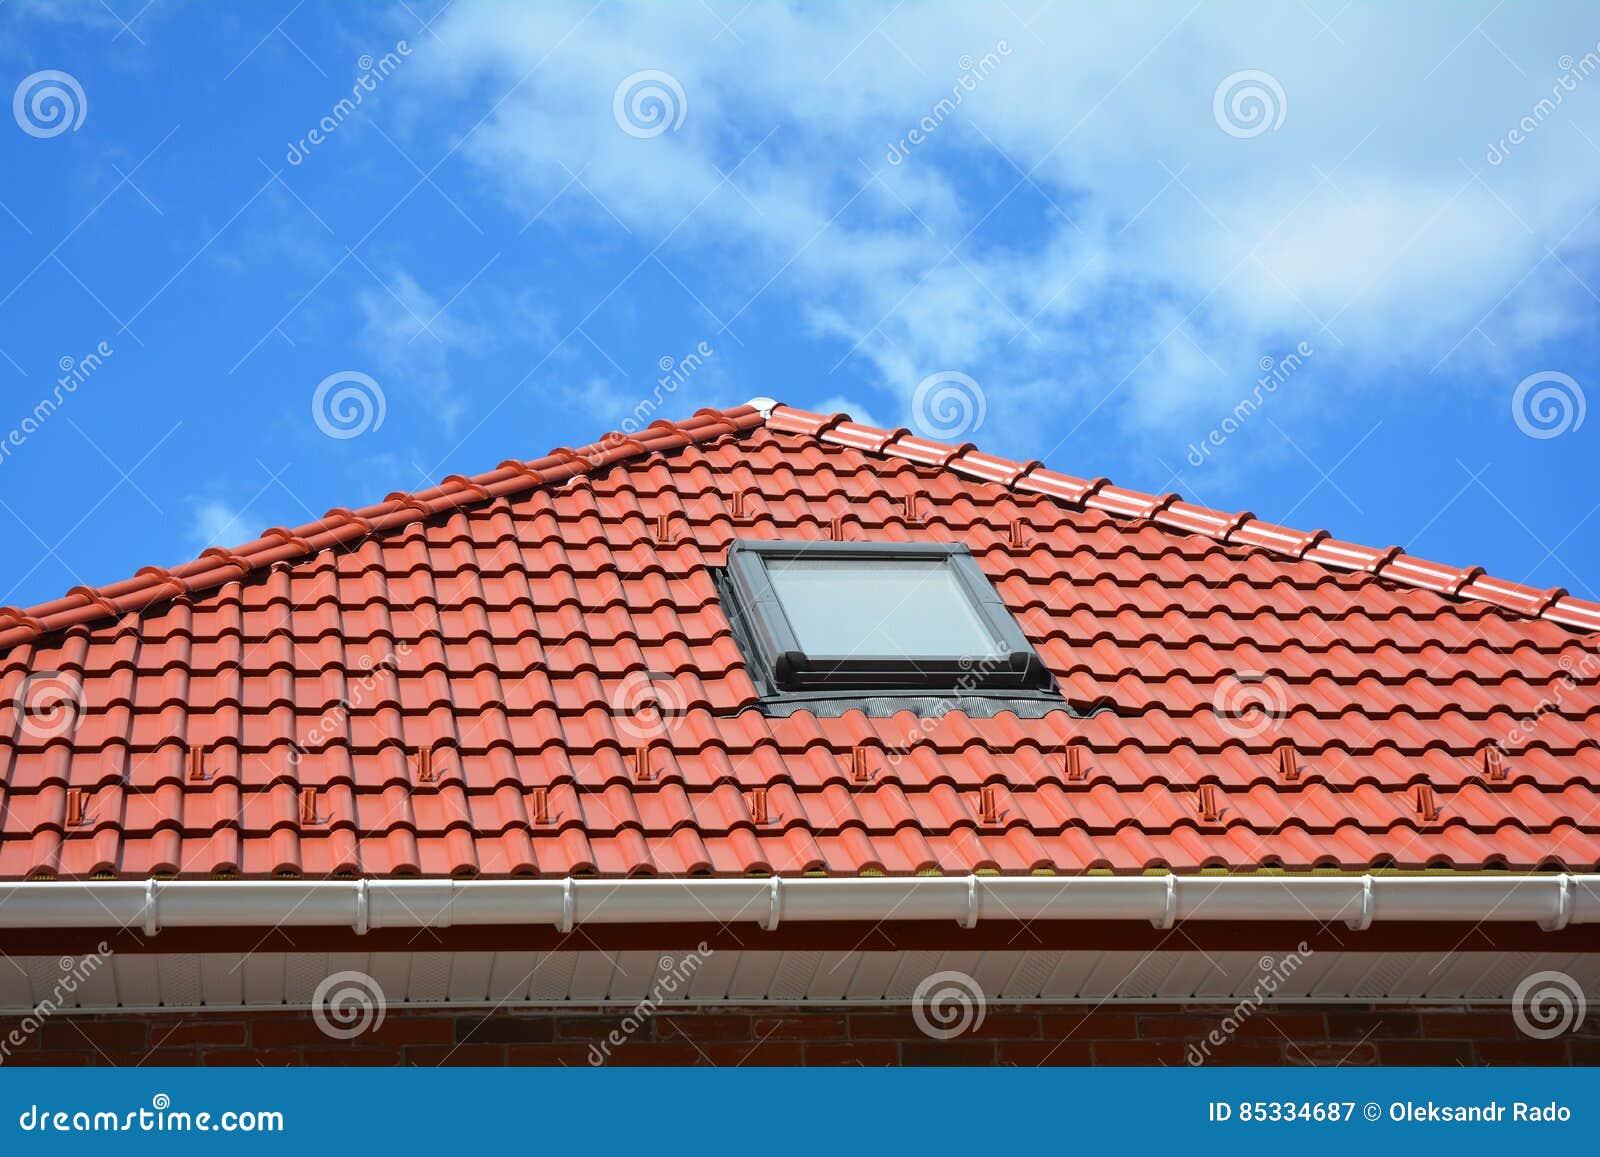 Oberlicht Auf Roten Keramikfliesen Bringen Dach Mit Regengosse Unter ...